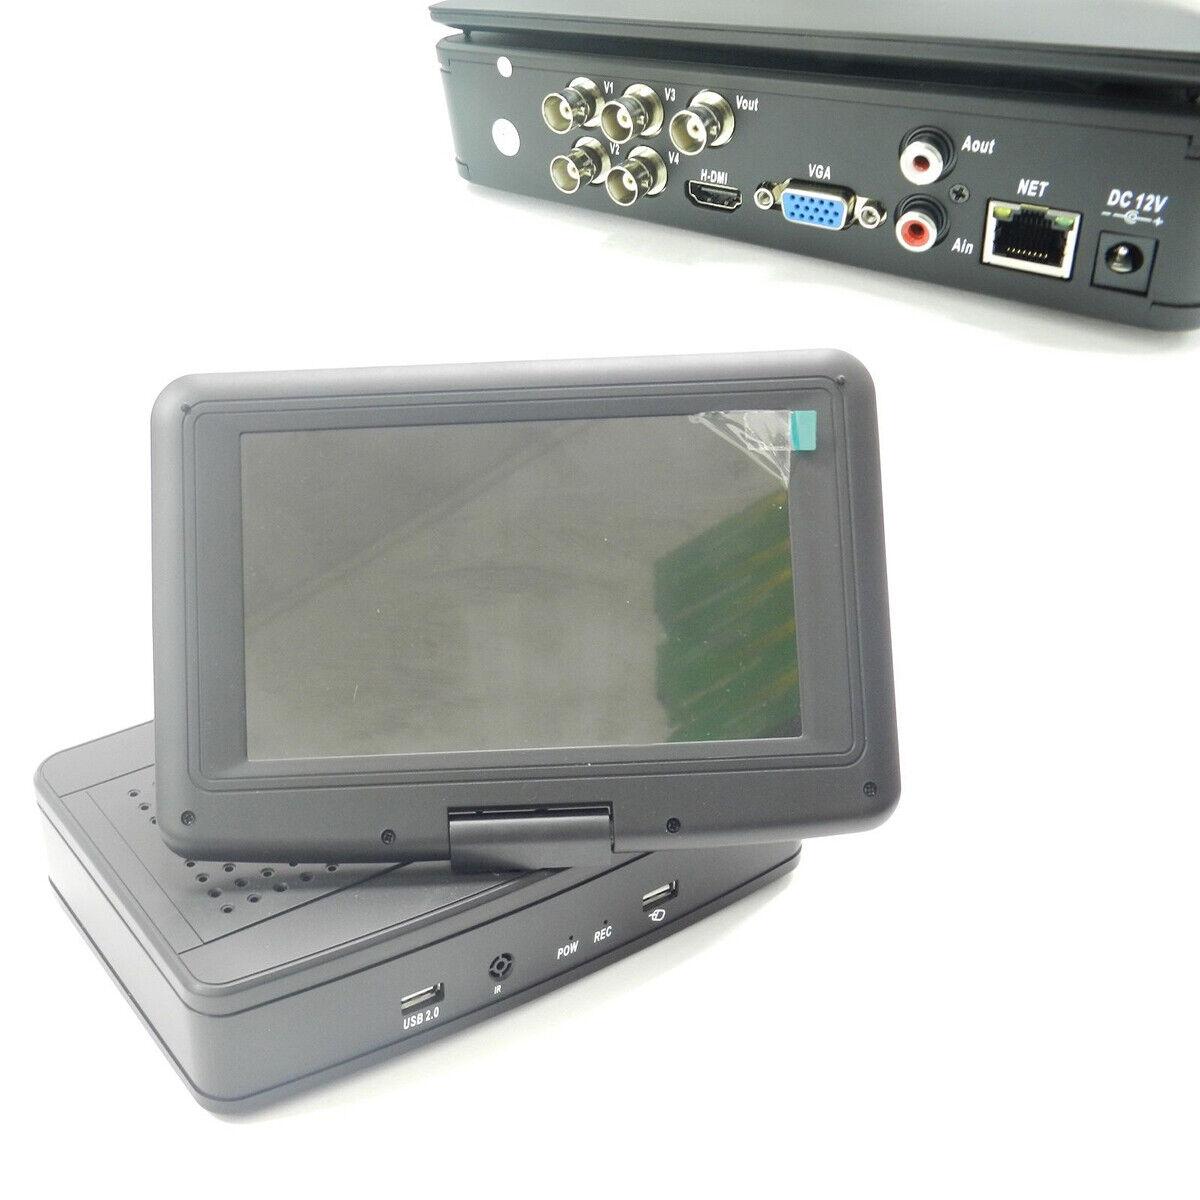 DVR CON MONITOR 4 CANALI PER VIDEOSORVEGLIANZA REGISTRA LAN 3G SMARTPHONE REMOTO